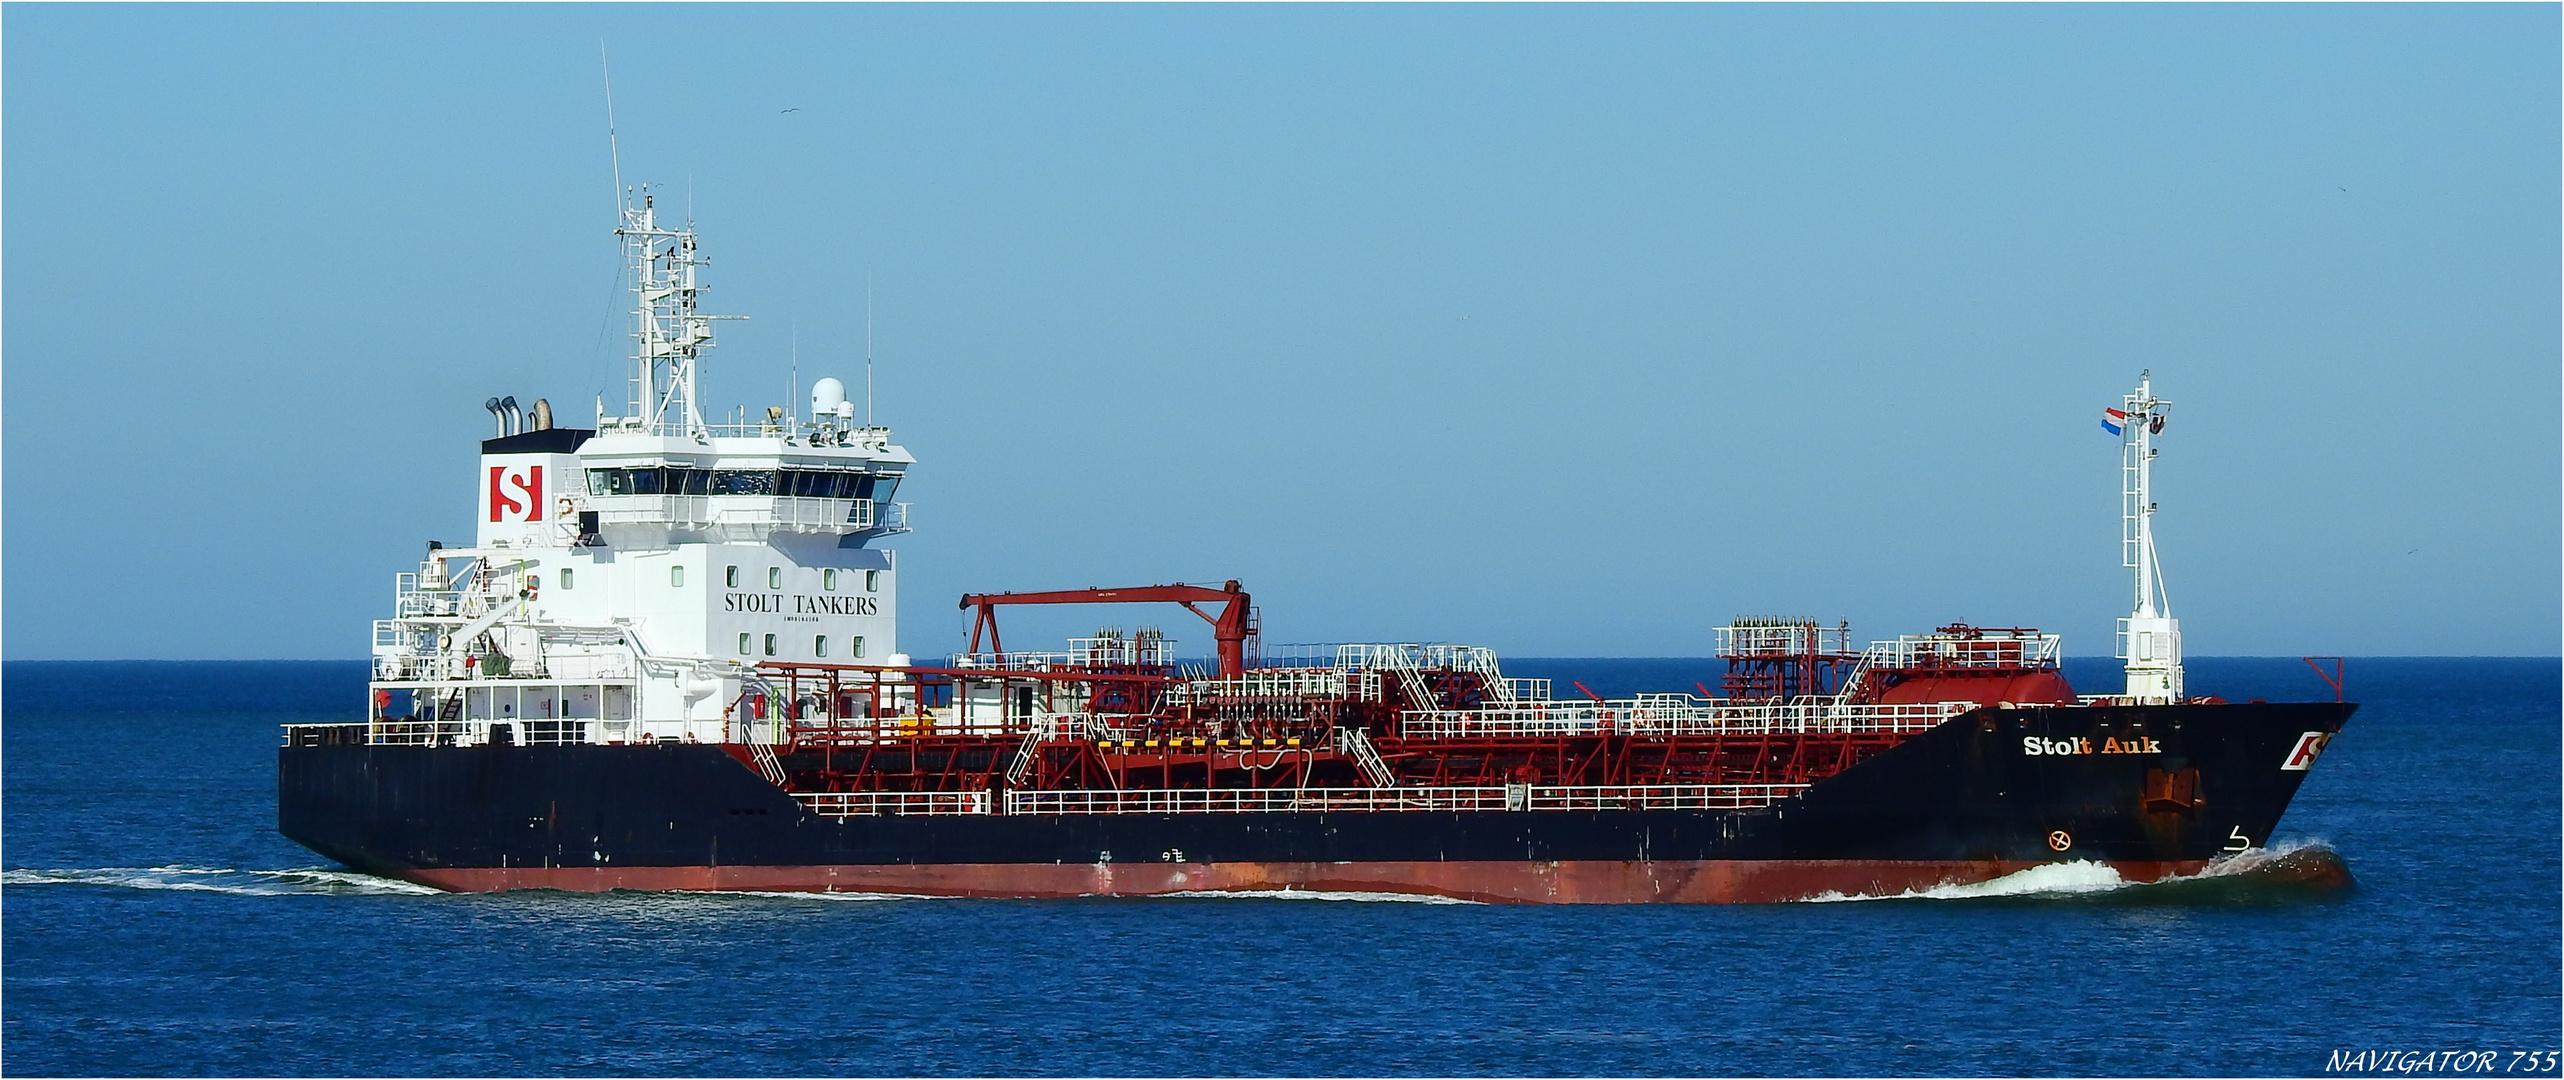 Stolt AUK, Oil/Chemical Tanker, Rotterdam.